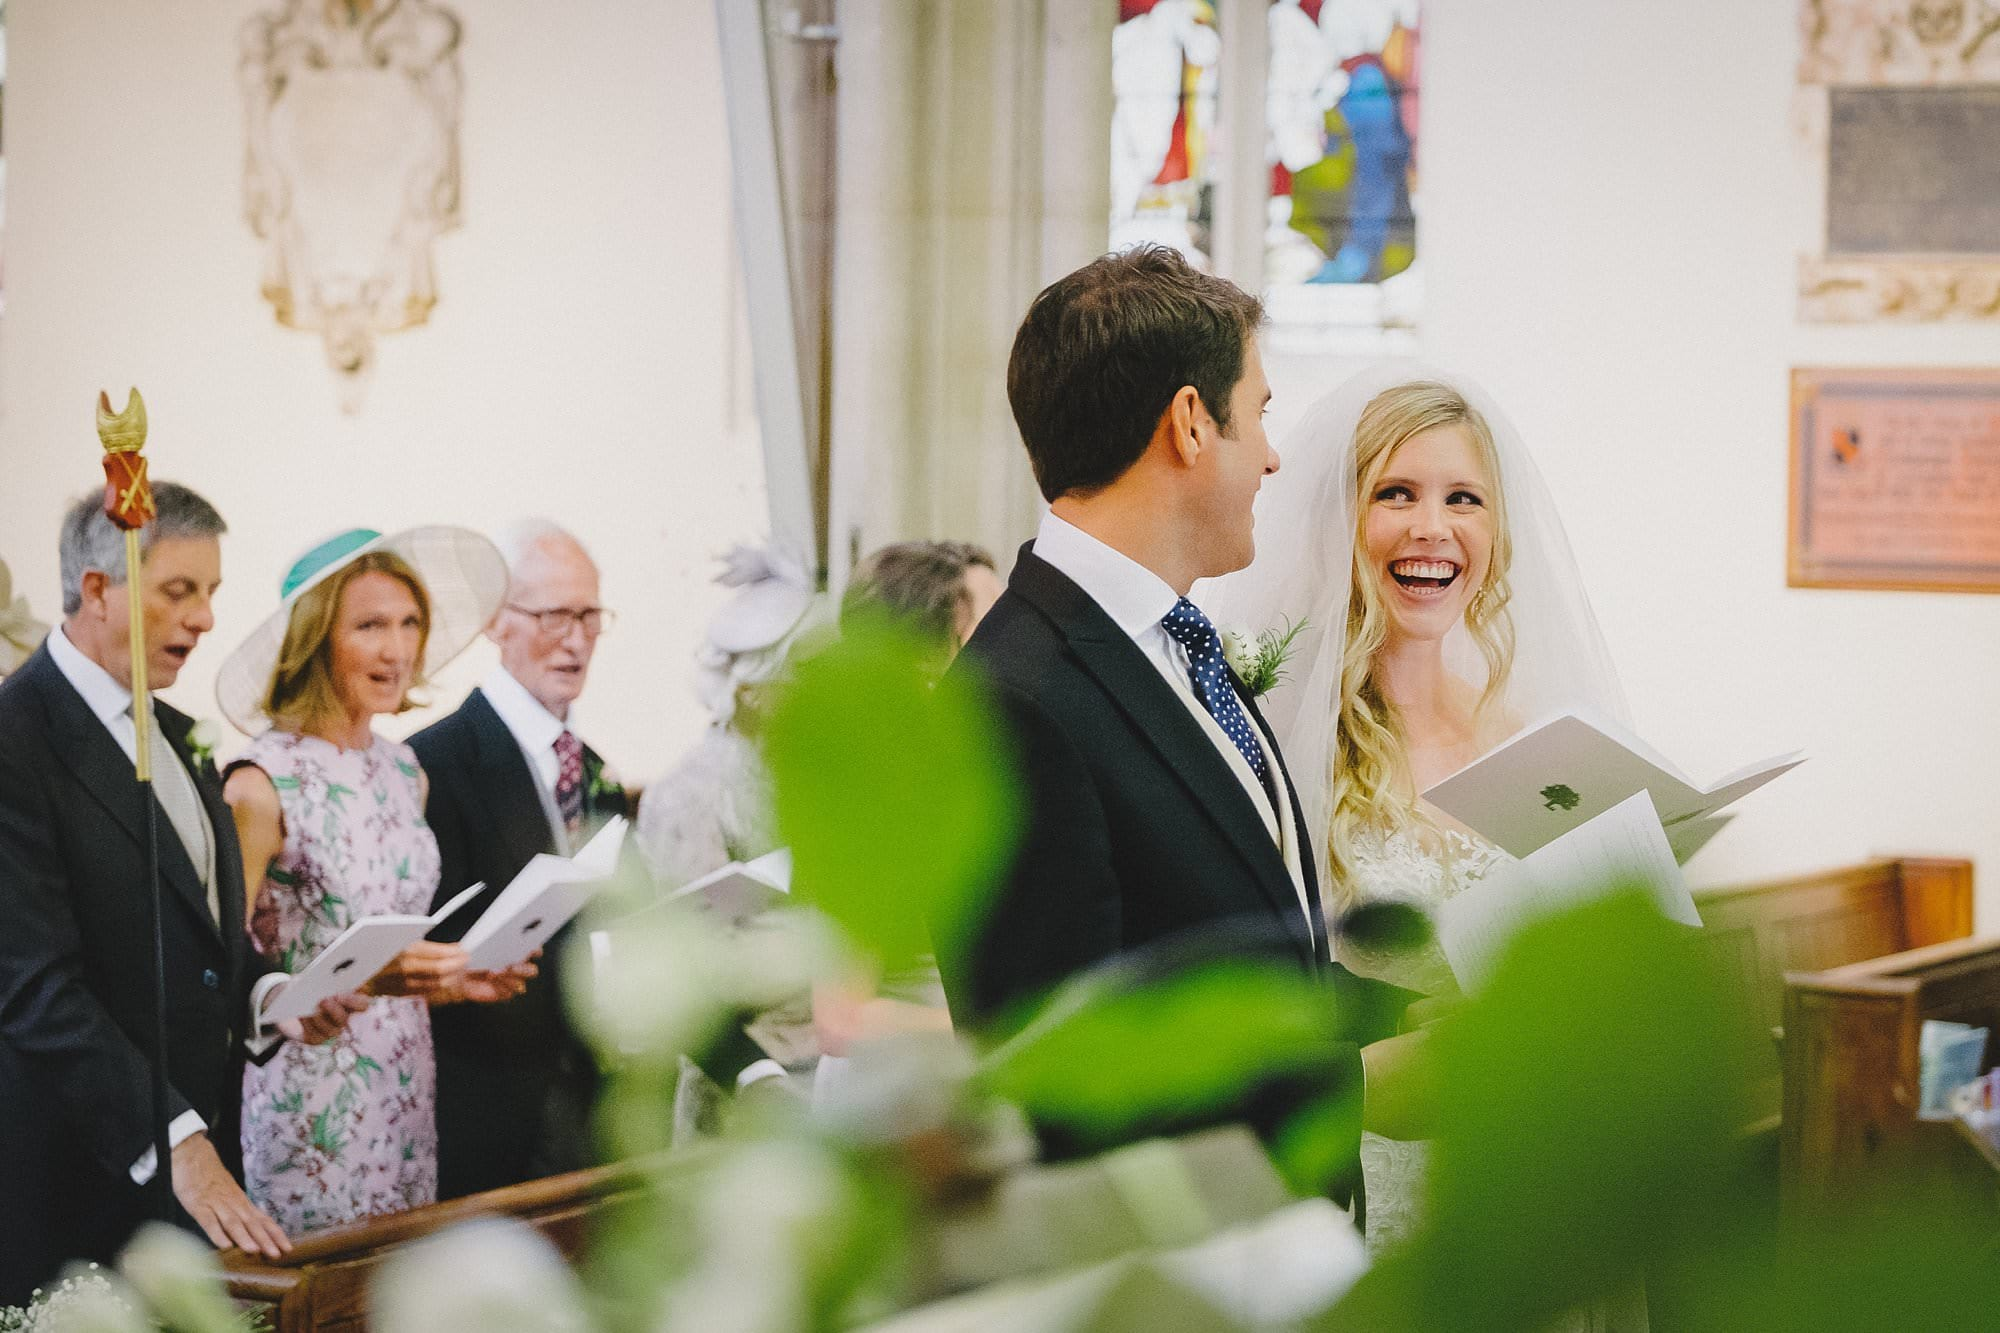 fulham palace wedding photographer 037 - Rosanna + Duncan | Fulham